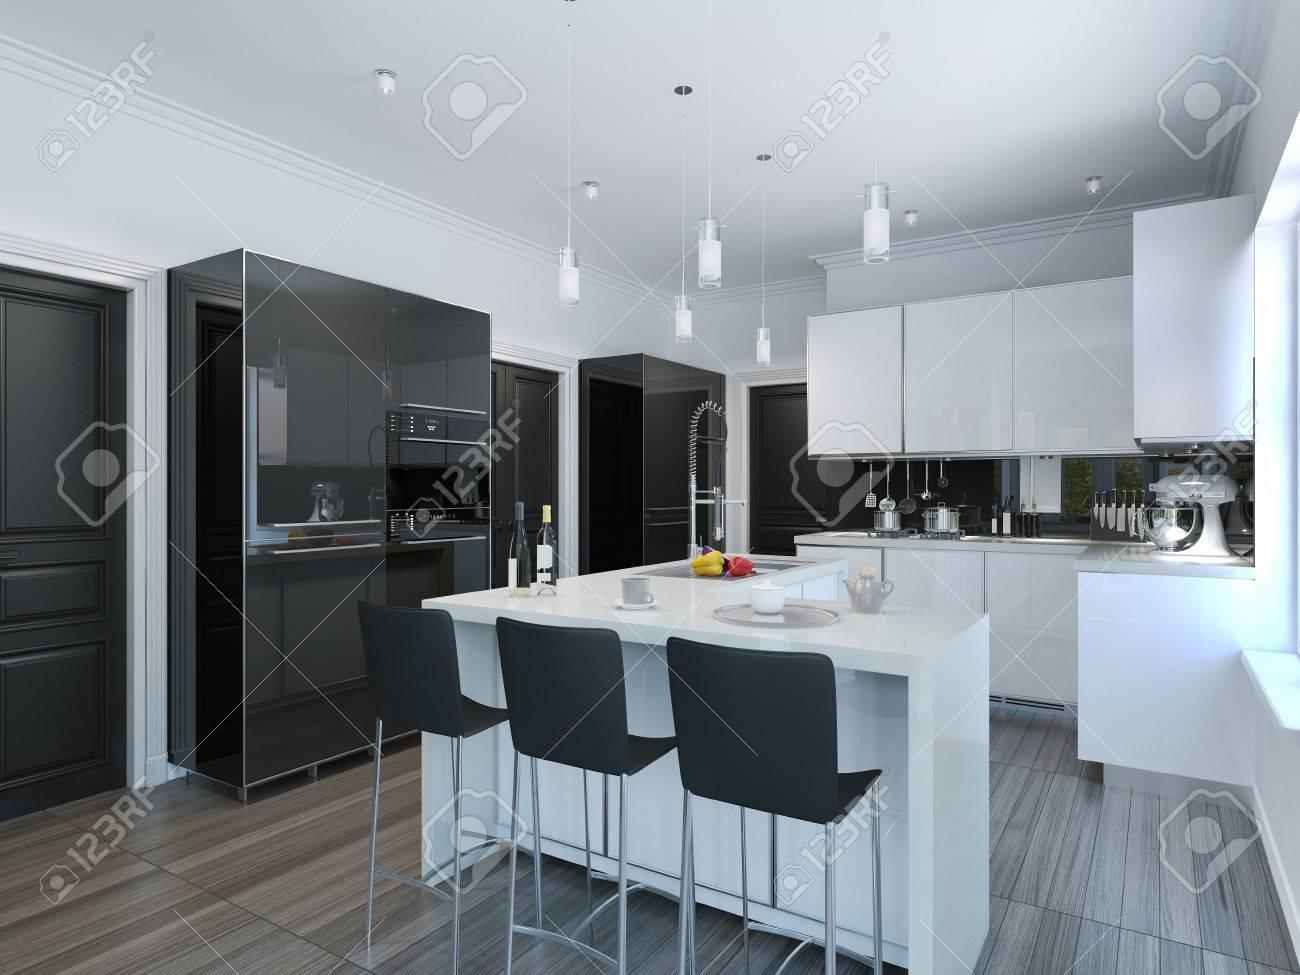 Moderne Küche Bar. 3D übertragen Lizenzfreie Fotos, Bilder Und Stock ...